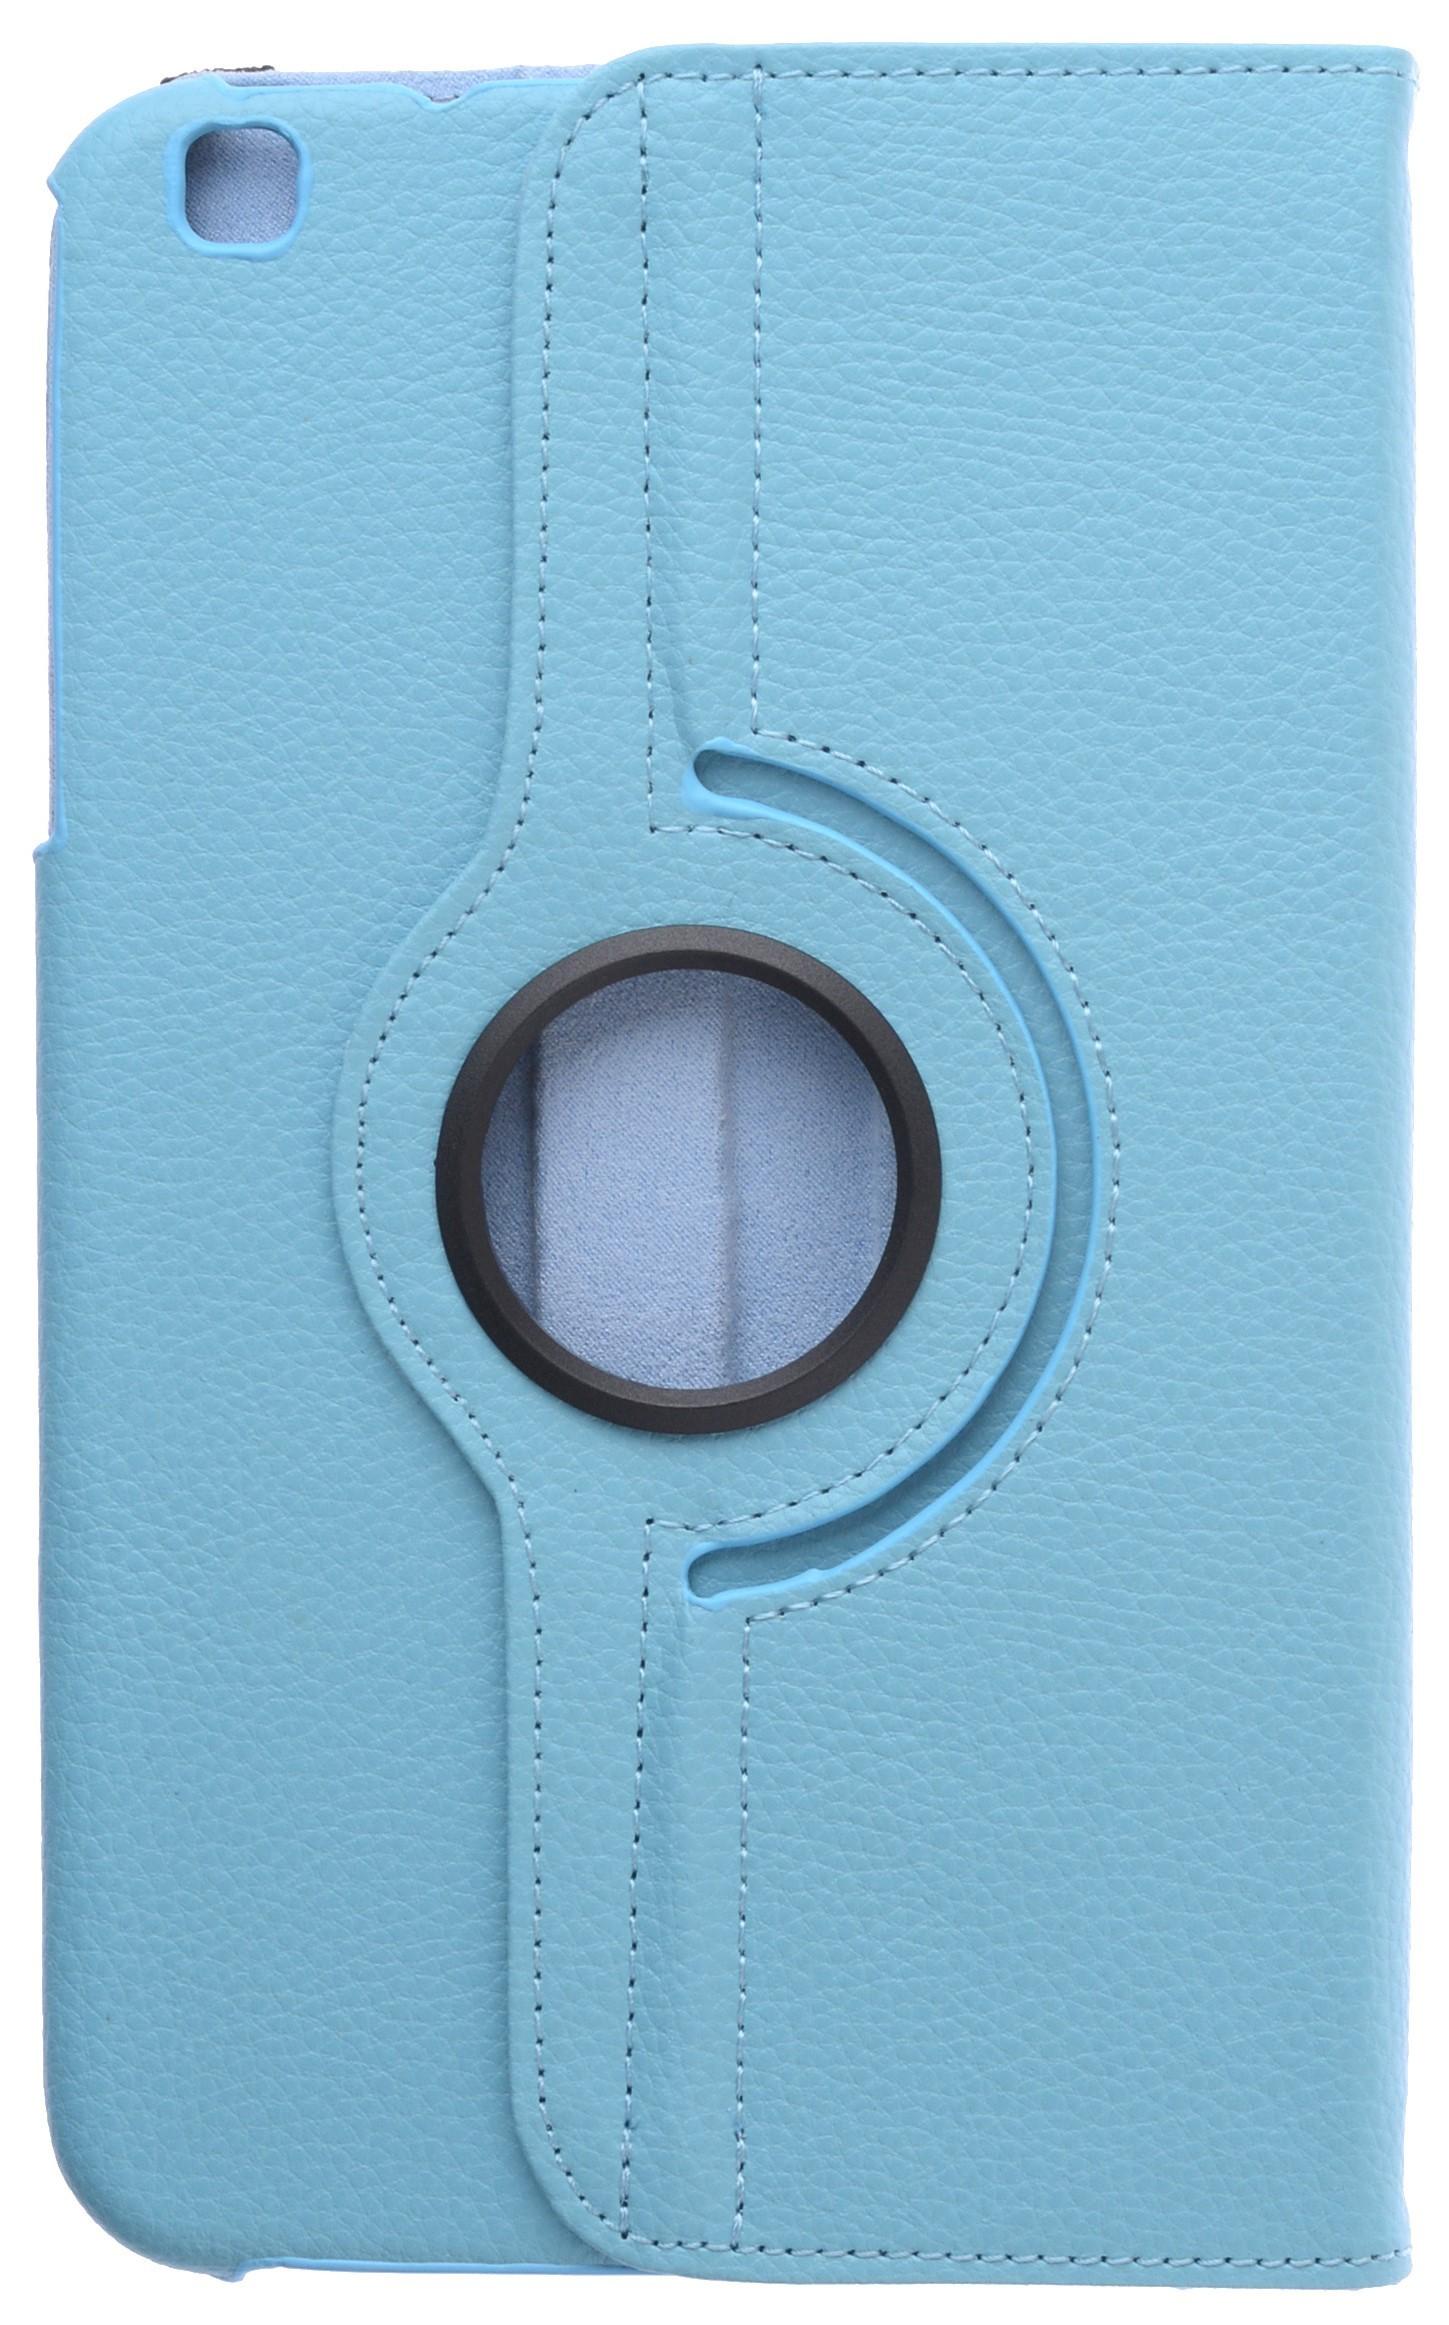 Чехол для планшета skinBOX Standard, 4630042529700, голубой skinbox обложка skinbox standard для планшета asus vivotab smart me400c выполнена из качественной экокожи